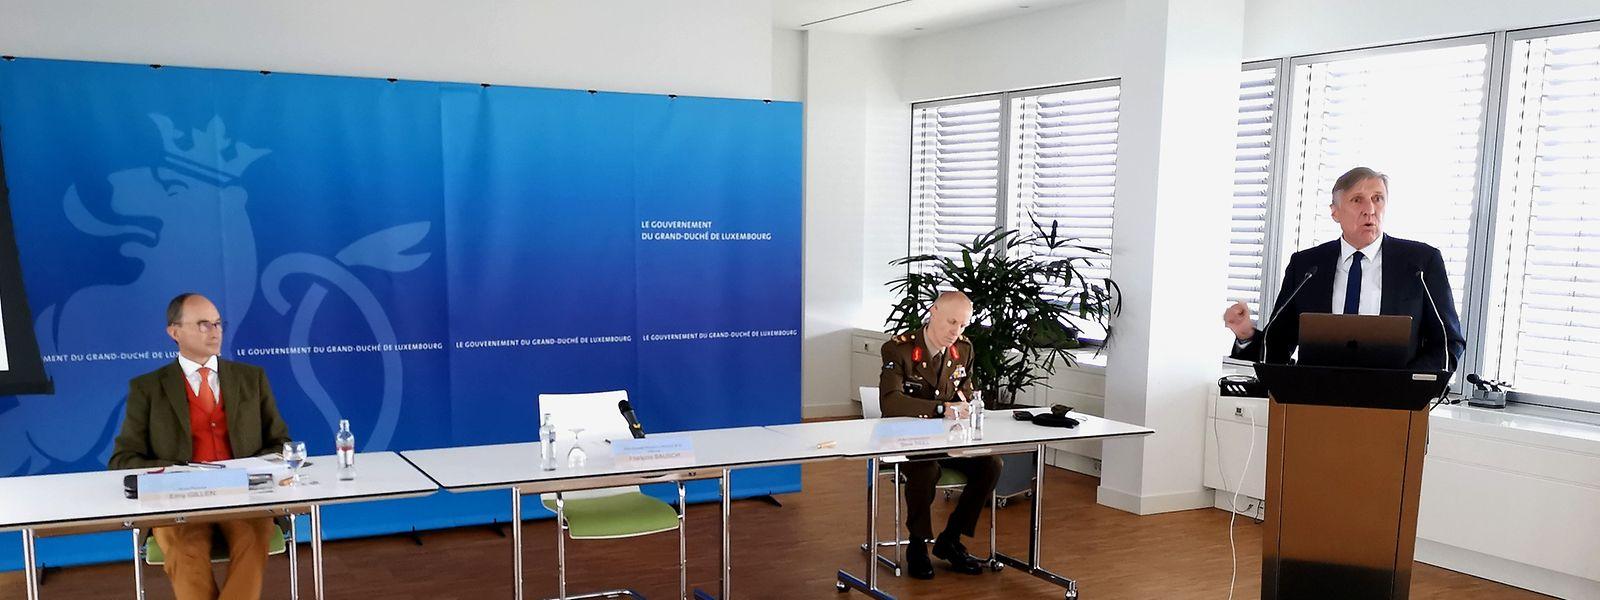 Erny Gillen, Generalstabschef Steve Thull und Verteidigungsminister François Bausch (v.l.n.r.) bei der Präsentation der Wertecharta.